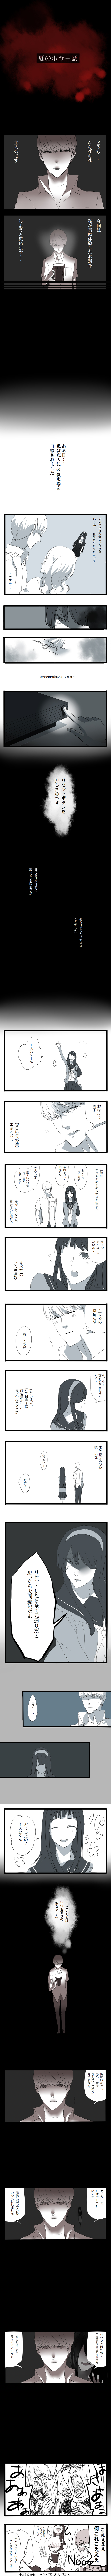 amagi yukiko, ebihara ai, hanamura yousuke, narukami yuu, satonaka chie, and others (persona and persona 4) drawn by nasie